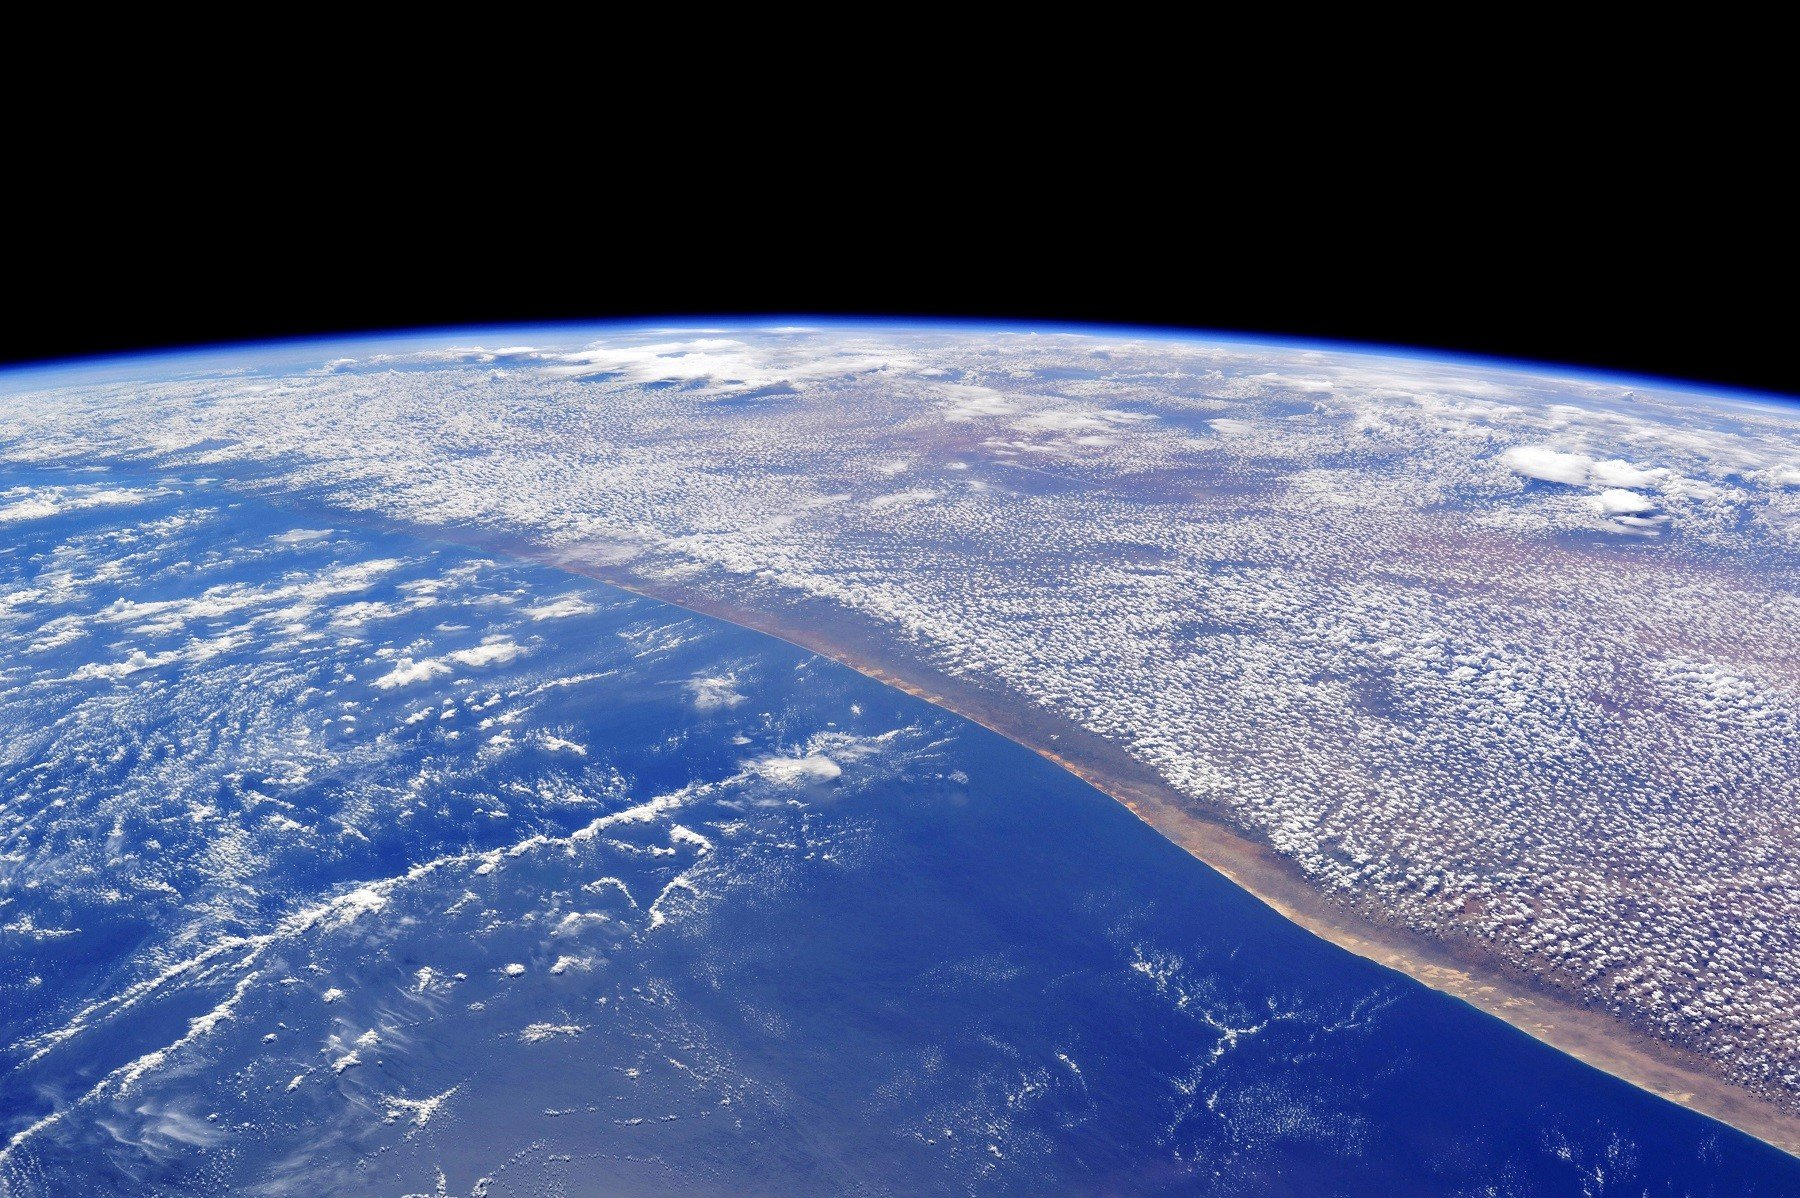 нашим рецептам фото земли из космоса по годам ему